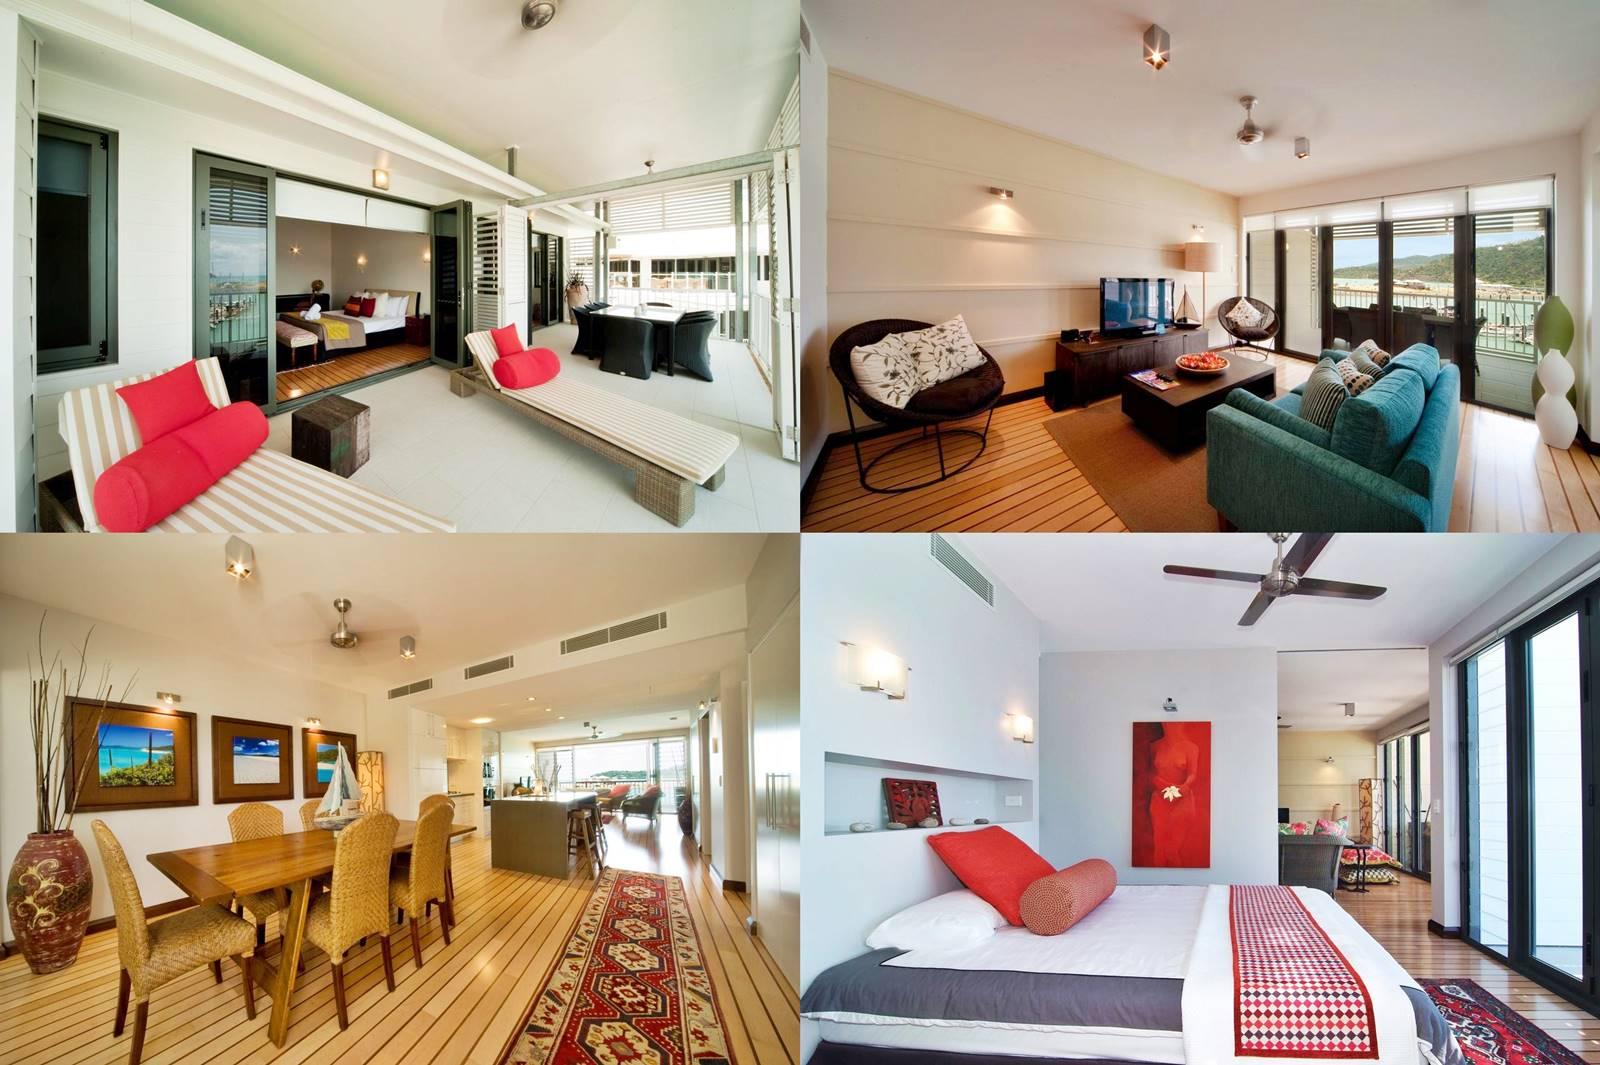 聖靈群島-艾爾利海灘-Airlie-Beach-住宿-推薦-Mantra-Boathouse-Apartments-飯店-旅館-酒店-民宿-公寓-市區-自由行-便宜-CP值-澳洲-Best-Hotel-Whitsundays